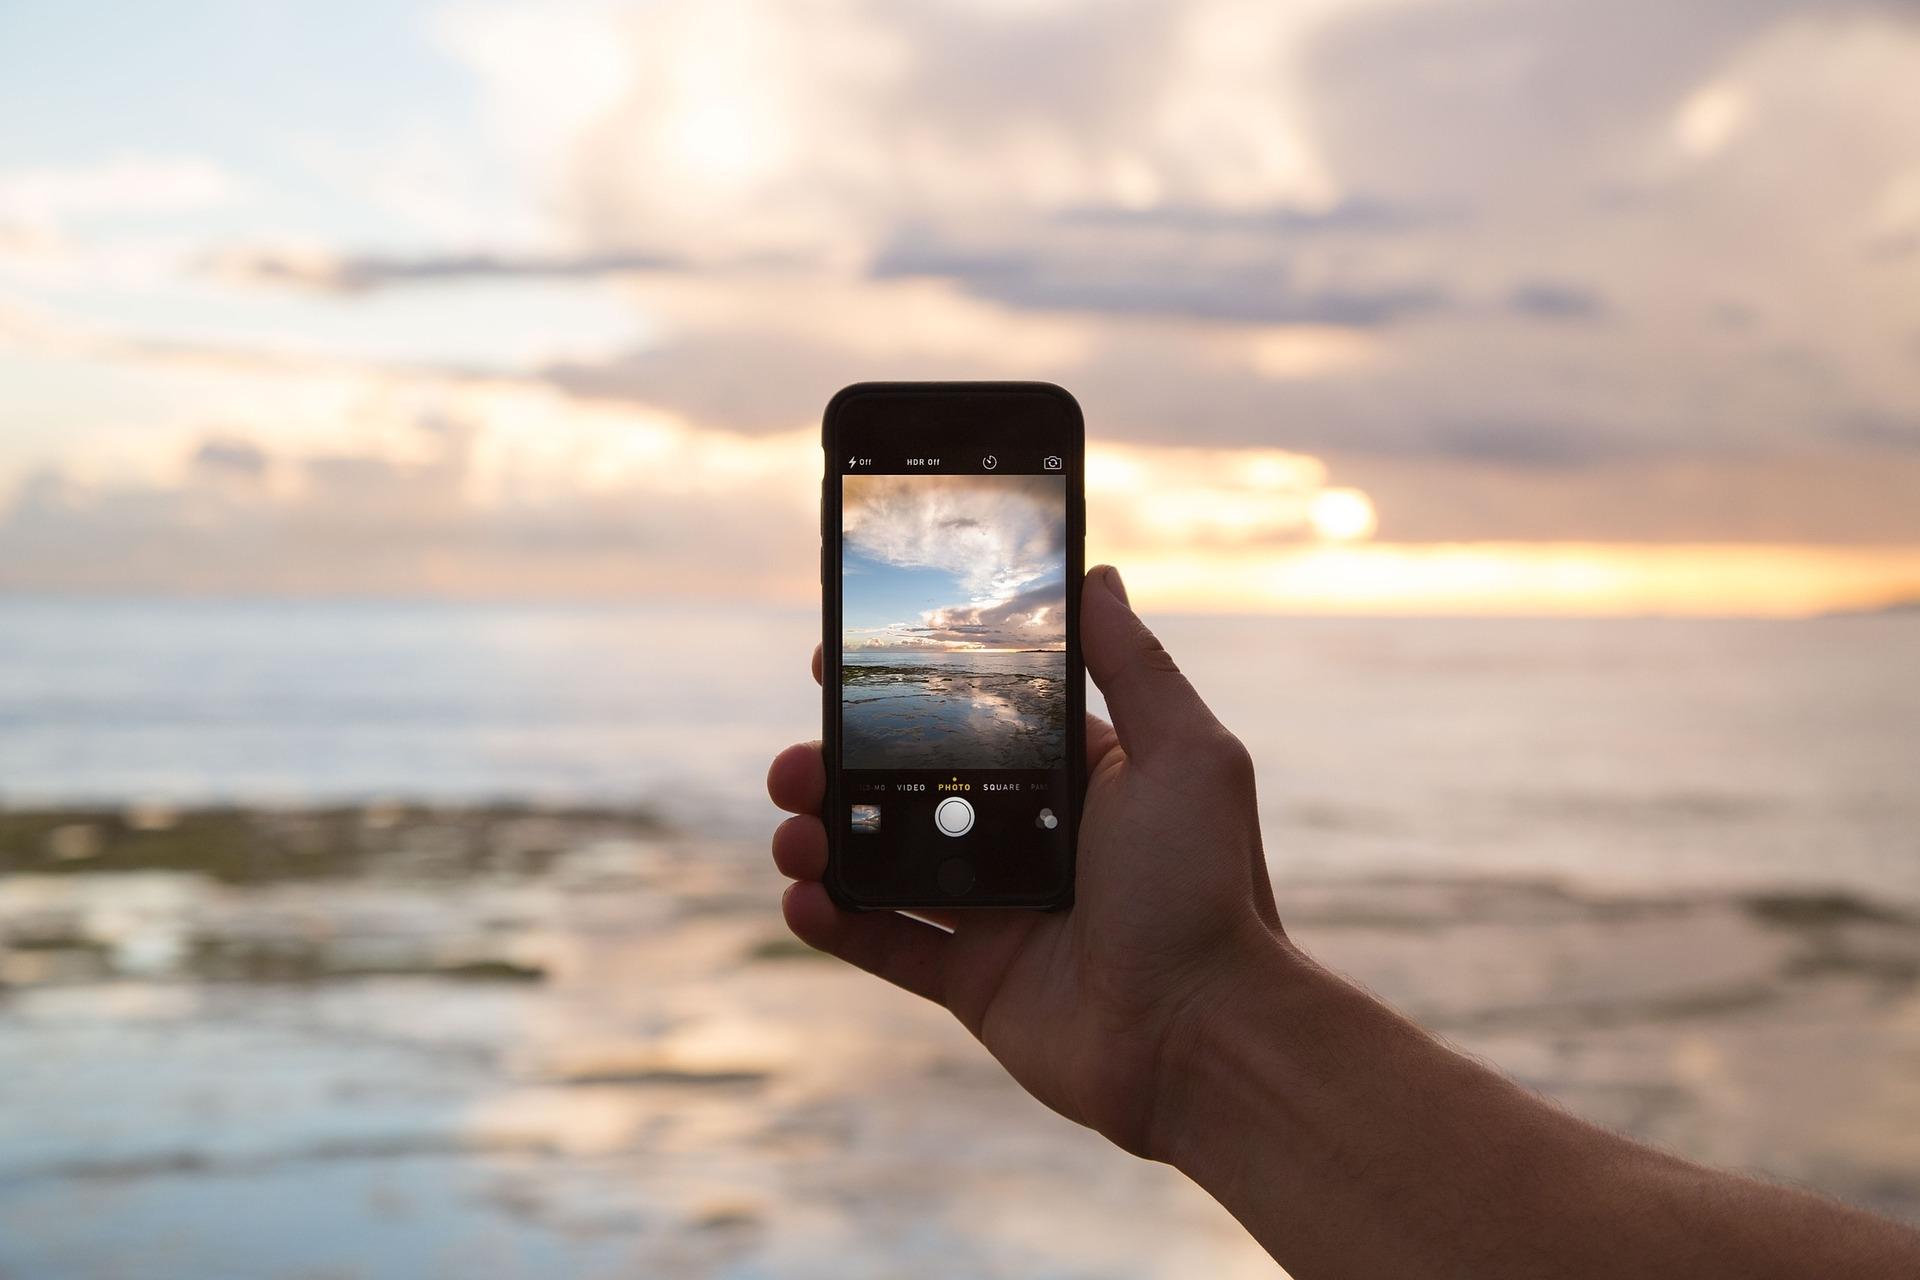 Oltre 70 milioni di foto e video - vengono condivisi ogni giorno su Instagram